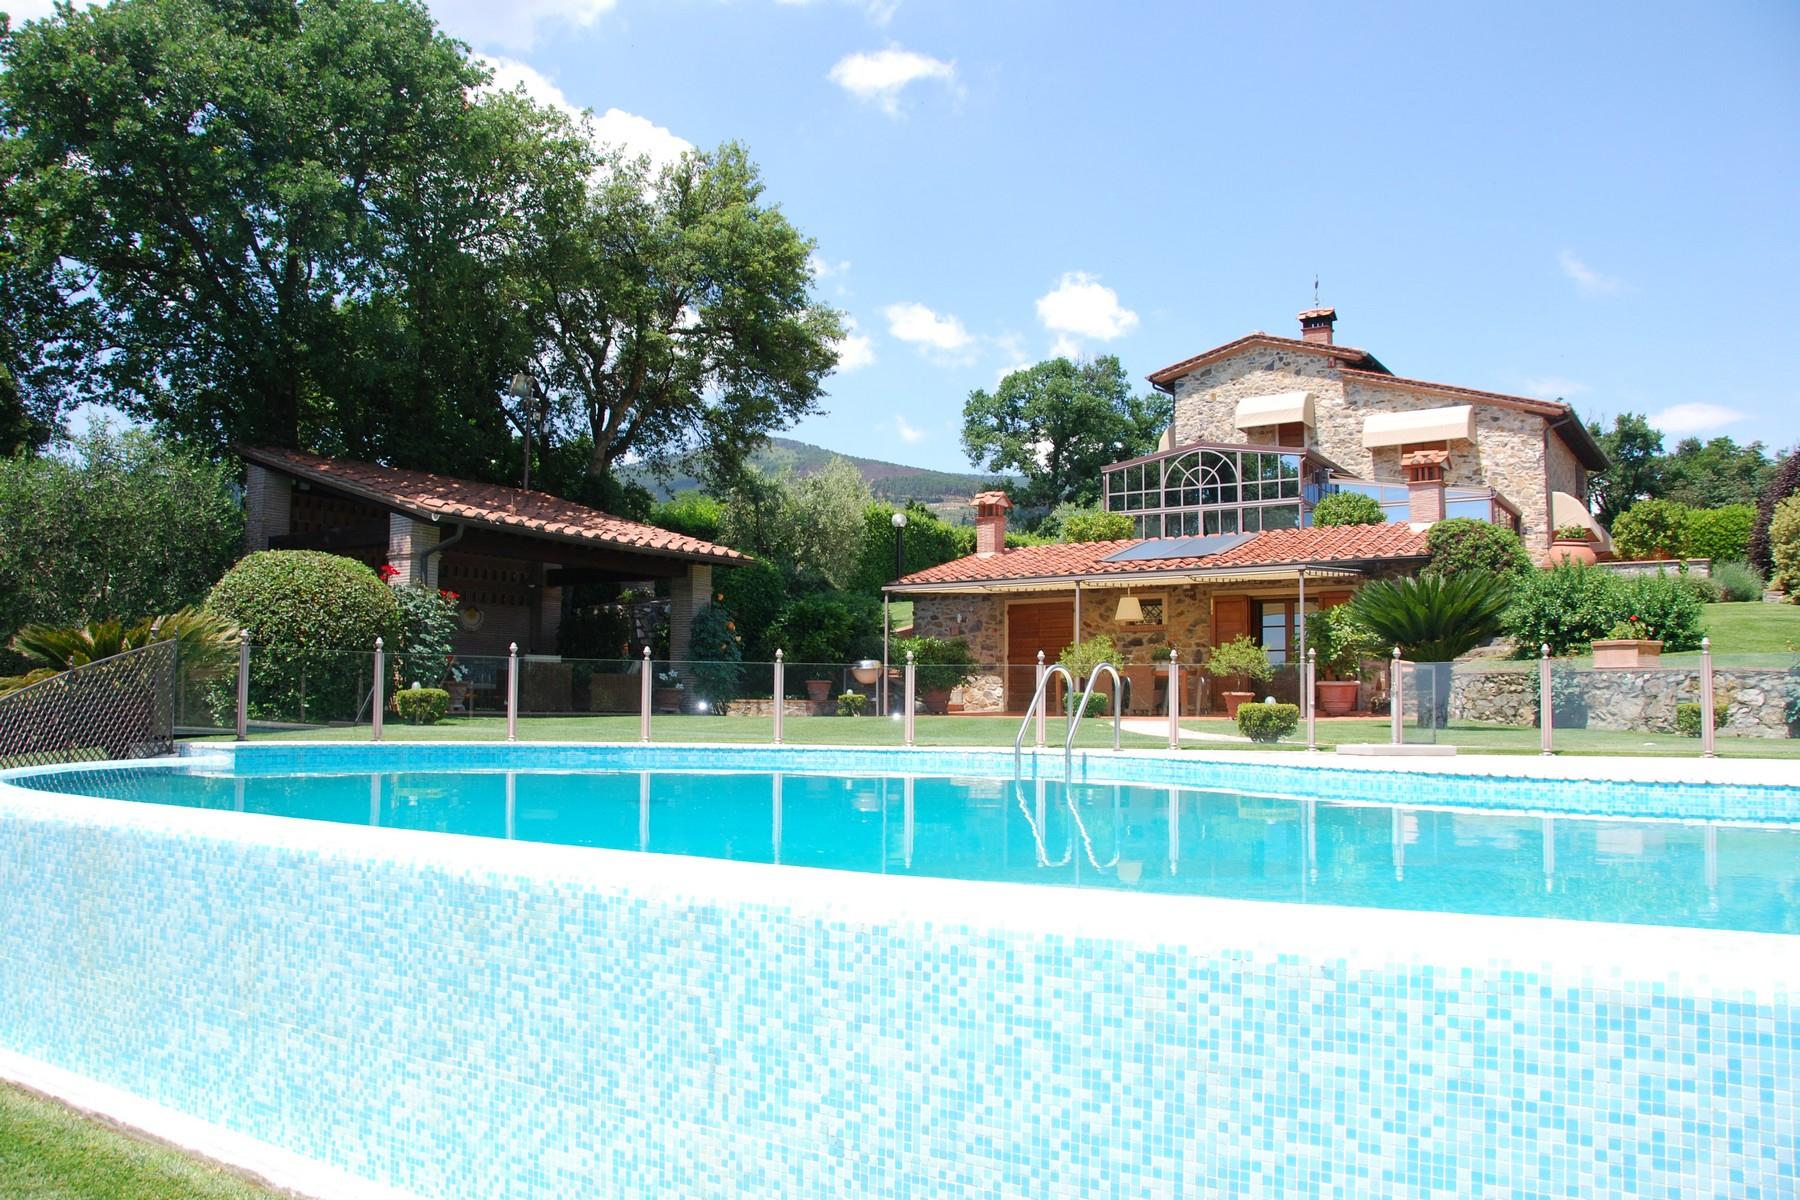 Villa in Vendita a Buti via giacomo matteotti